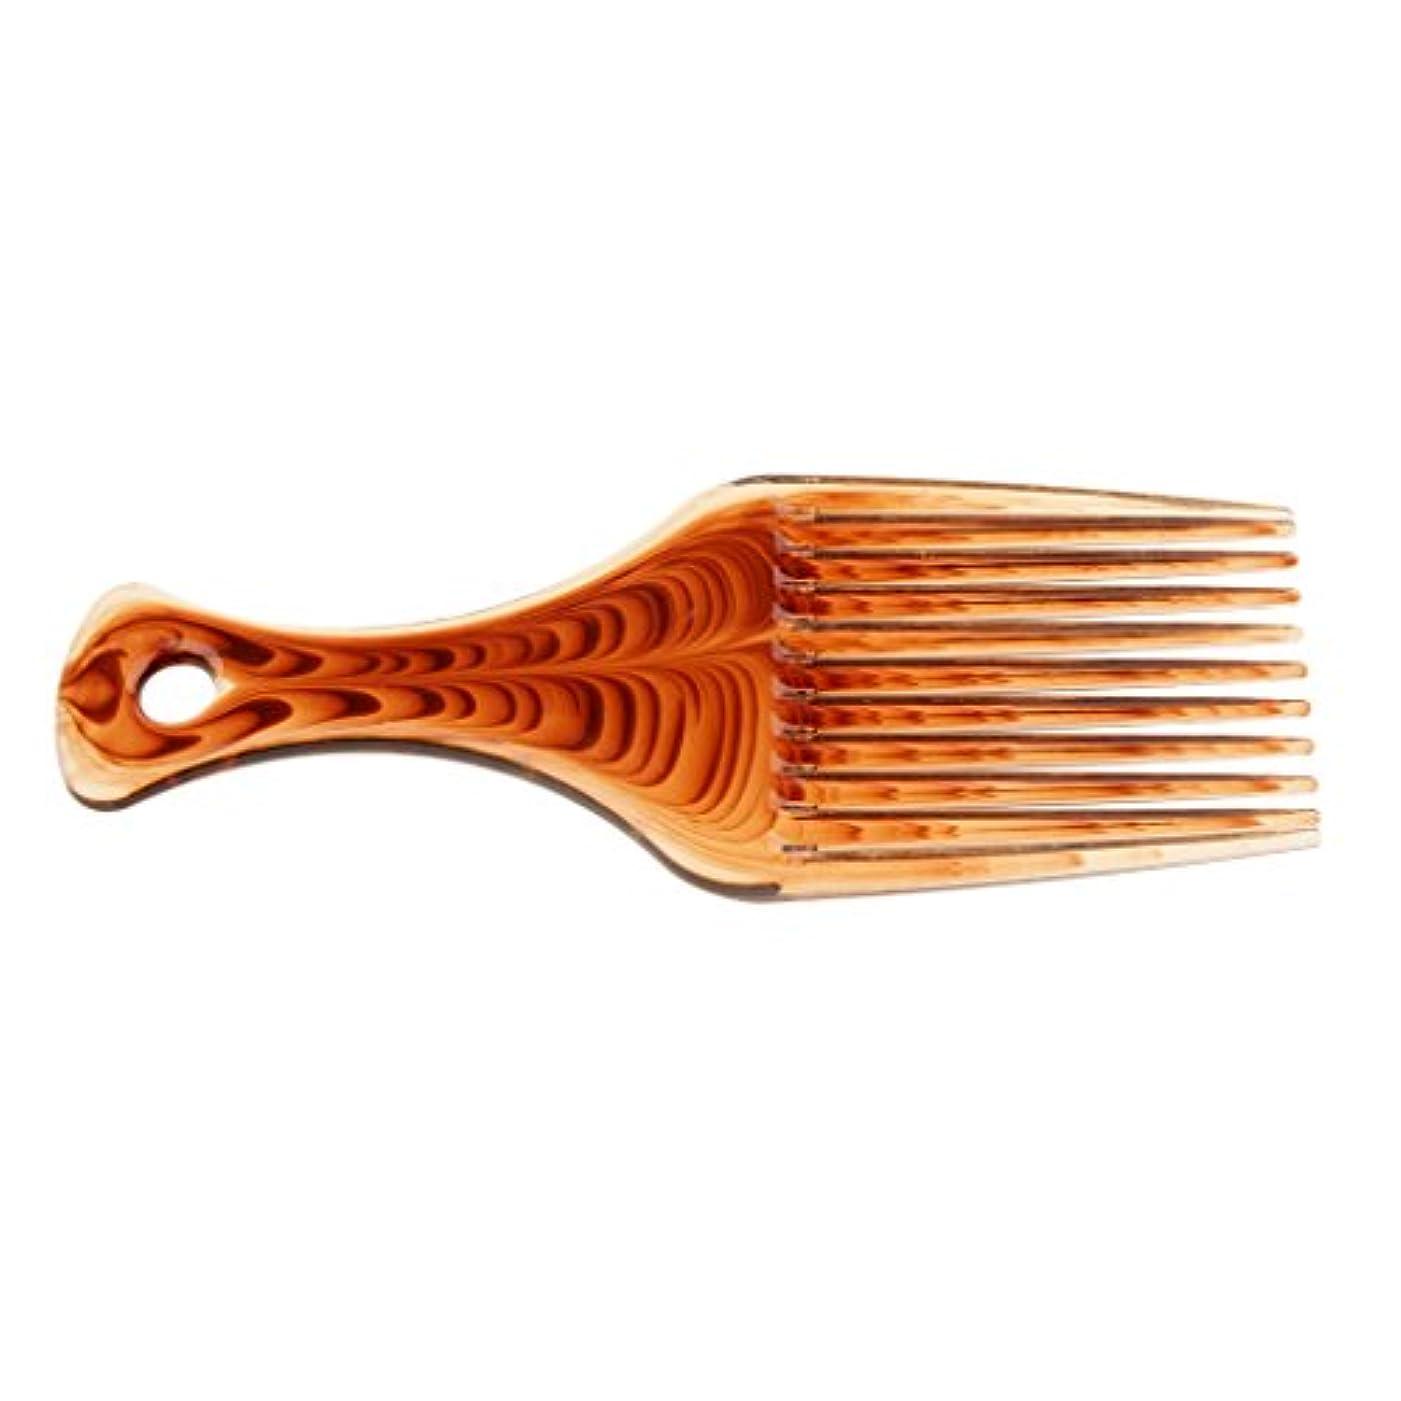 に頼るバッグ悲鳴Blesiya ヘアブラシ 髪の櫛 アフロ 櫛 プロ 実用的 ヘアスタイリング 持ち上げ ヘアブラシ